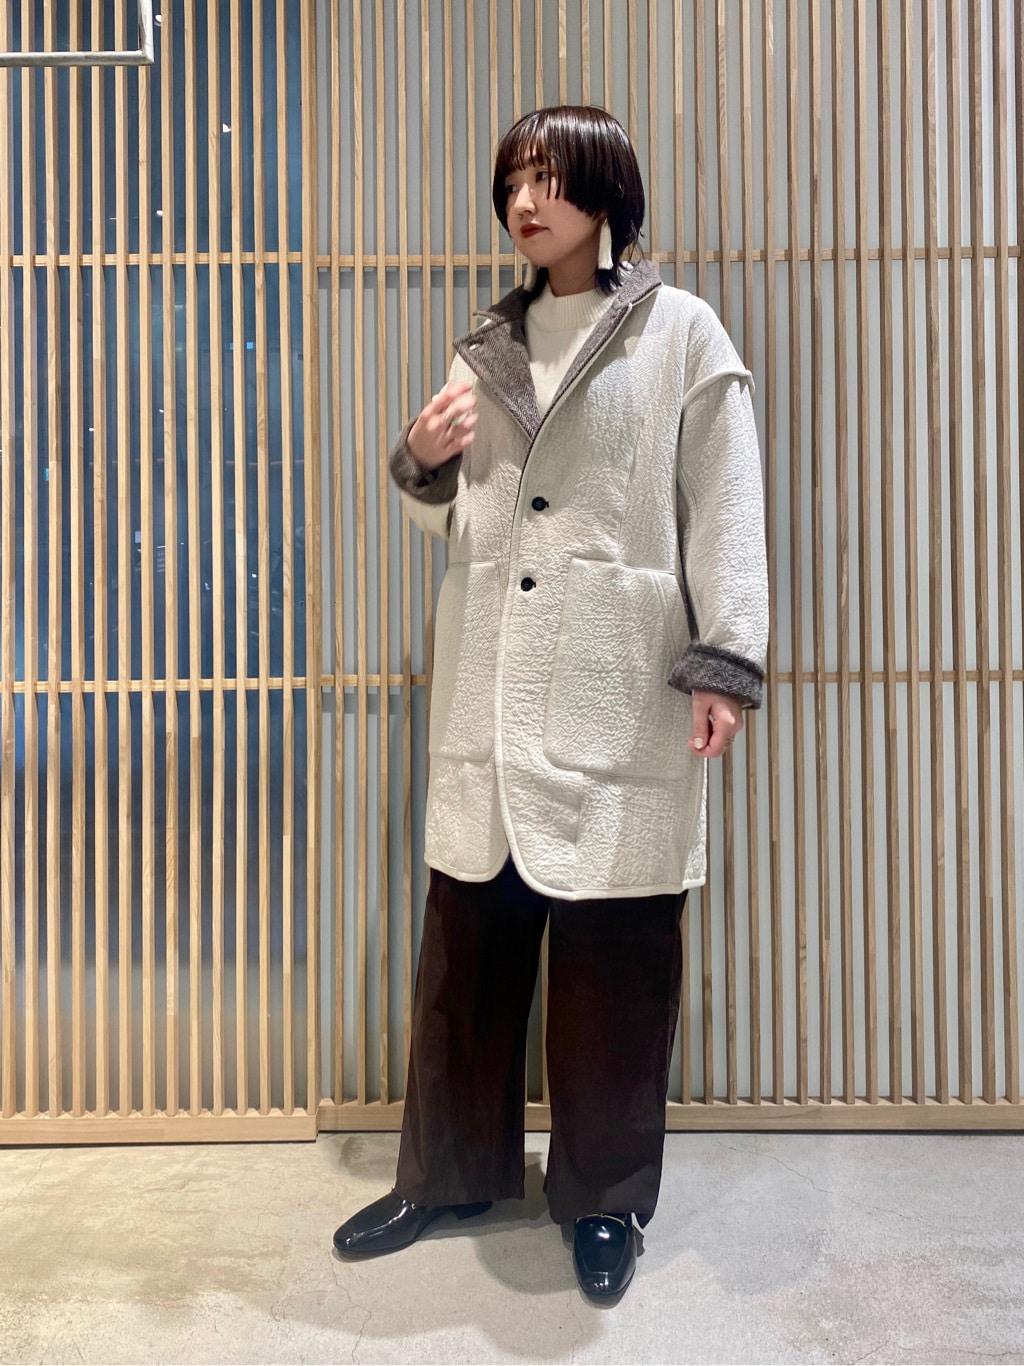 ルクア大阪 2020.12.16